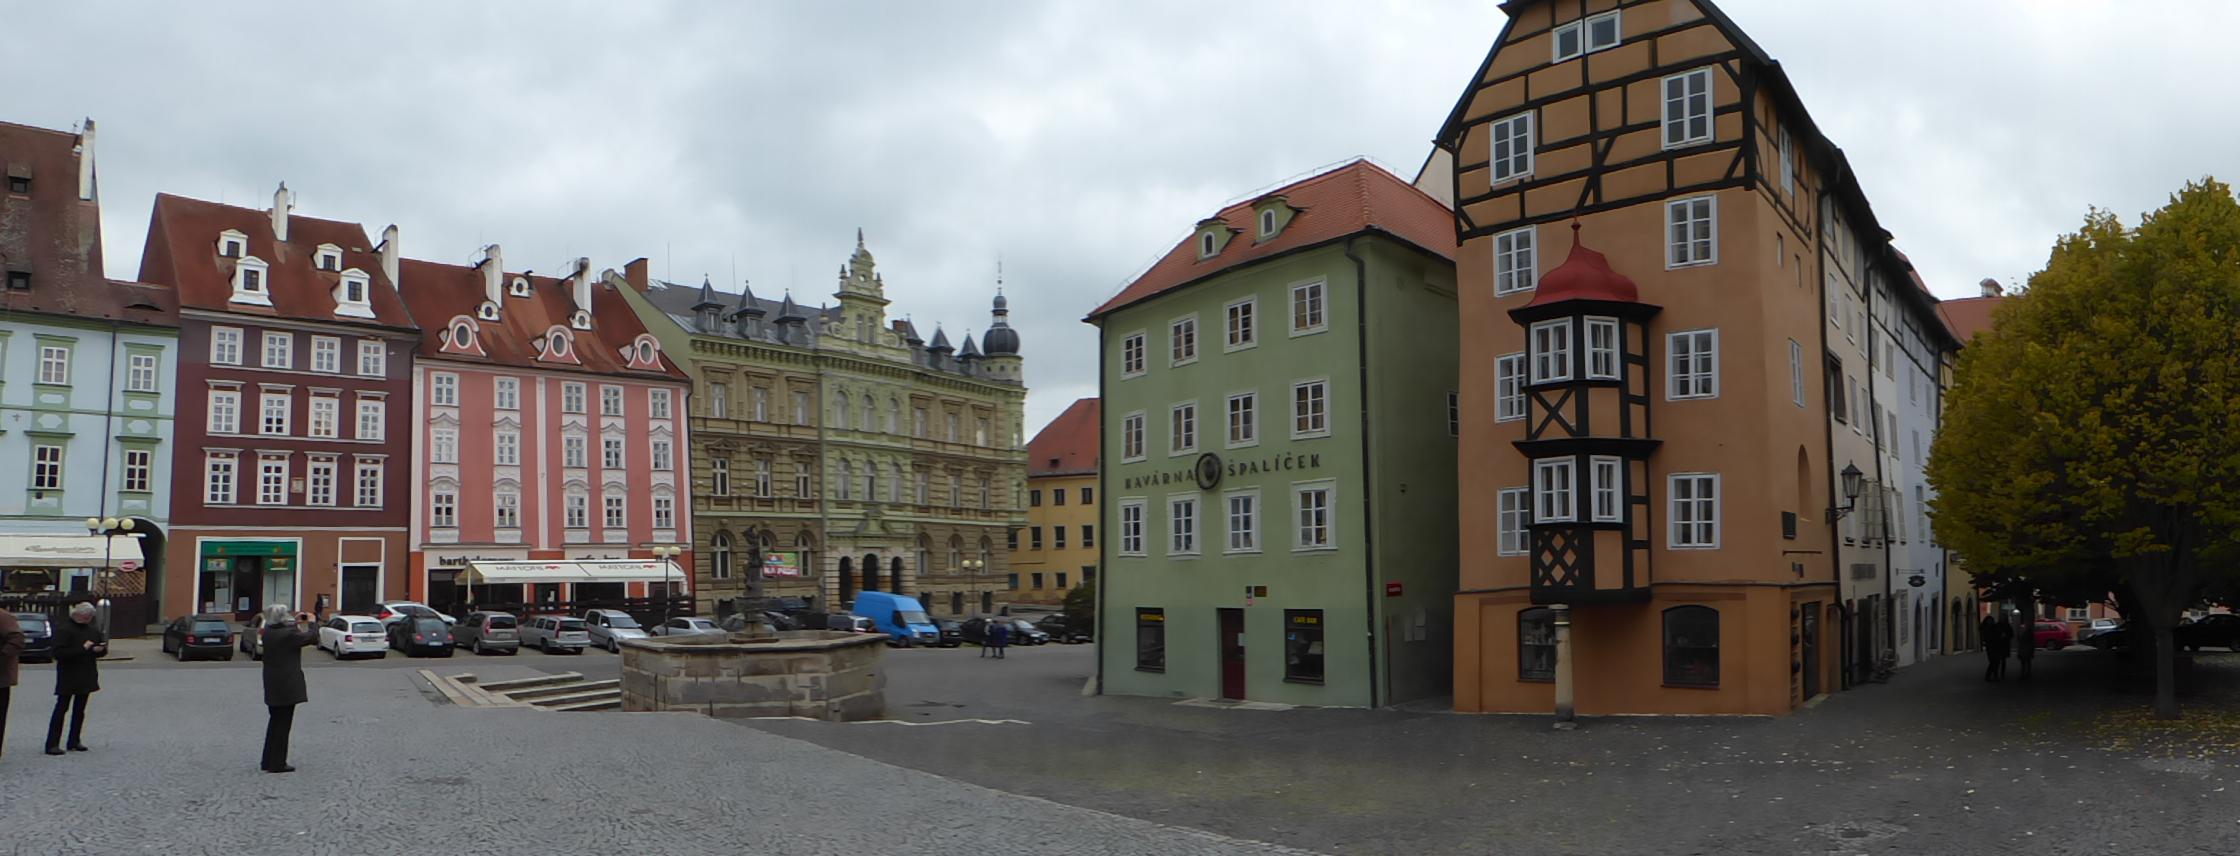 Der Markplatz von Eger (Cheb), Foto: D.Weirauch